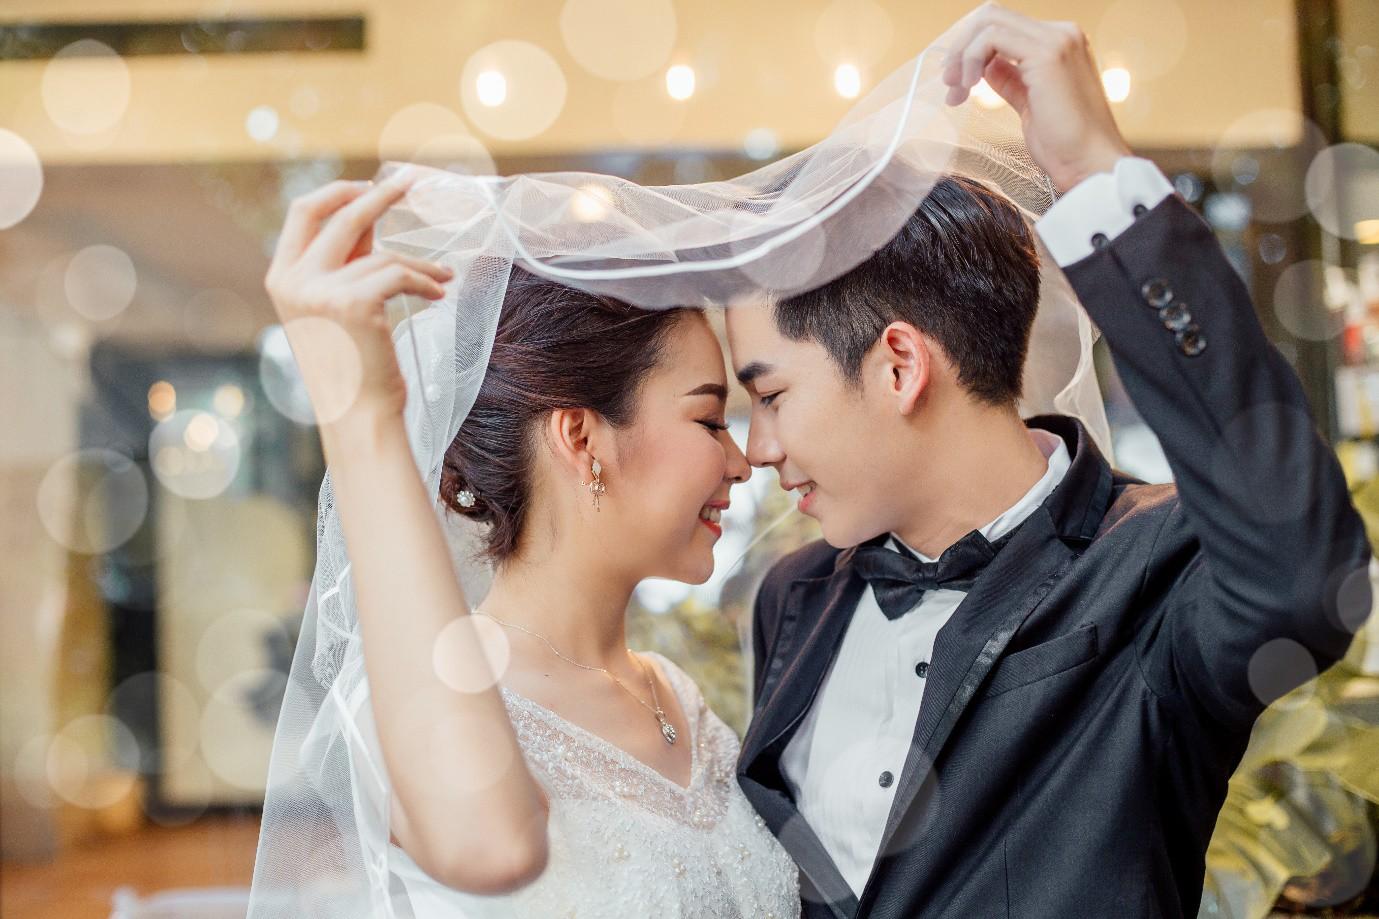 5 bí quyết giữ thần thái để có bộ ảnh cưới trong mơ - Ảnh 3.